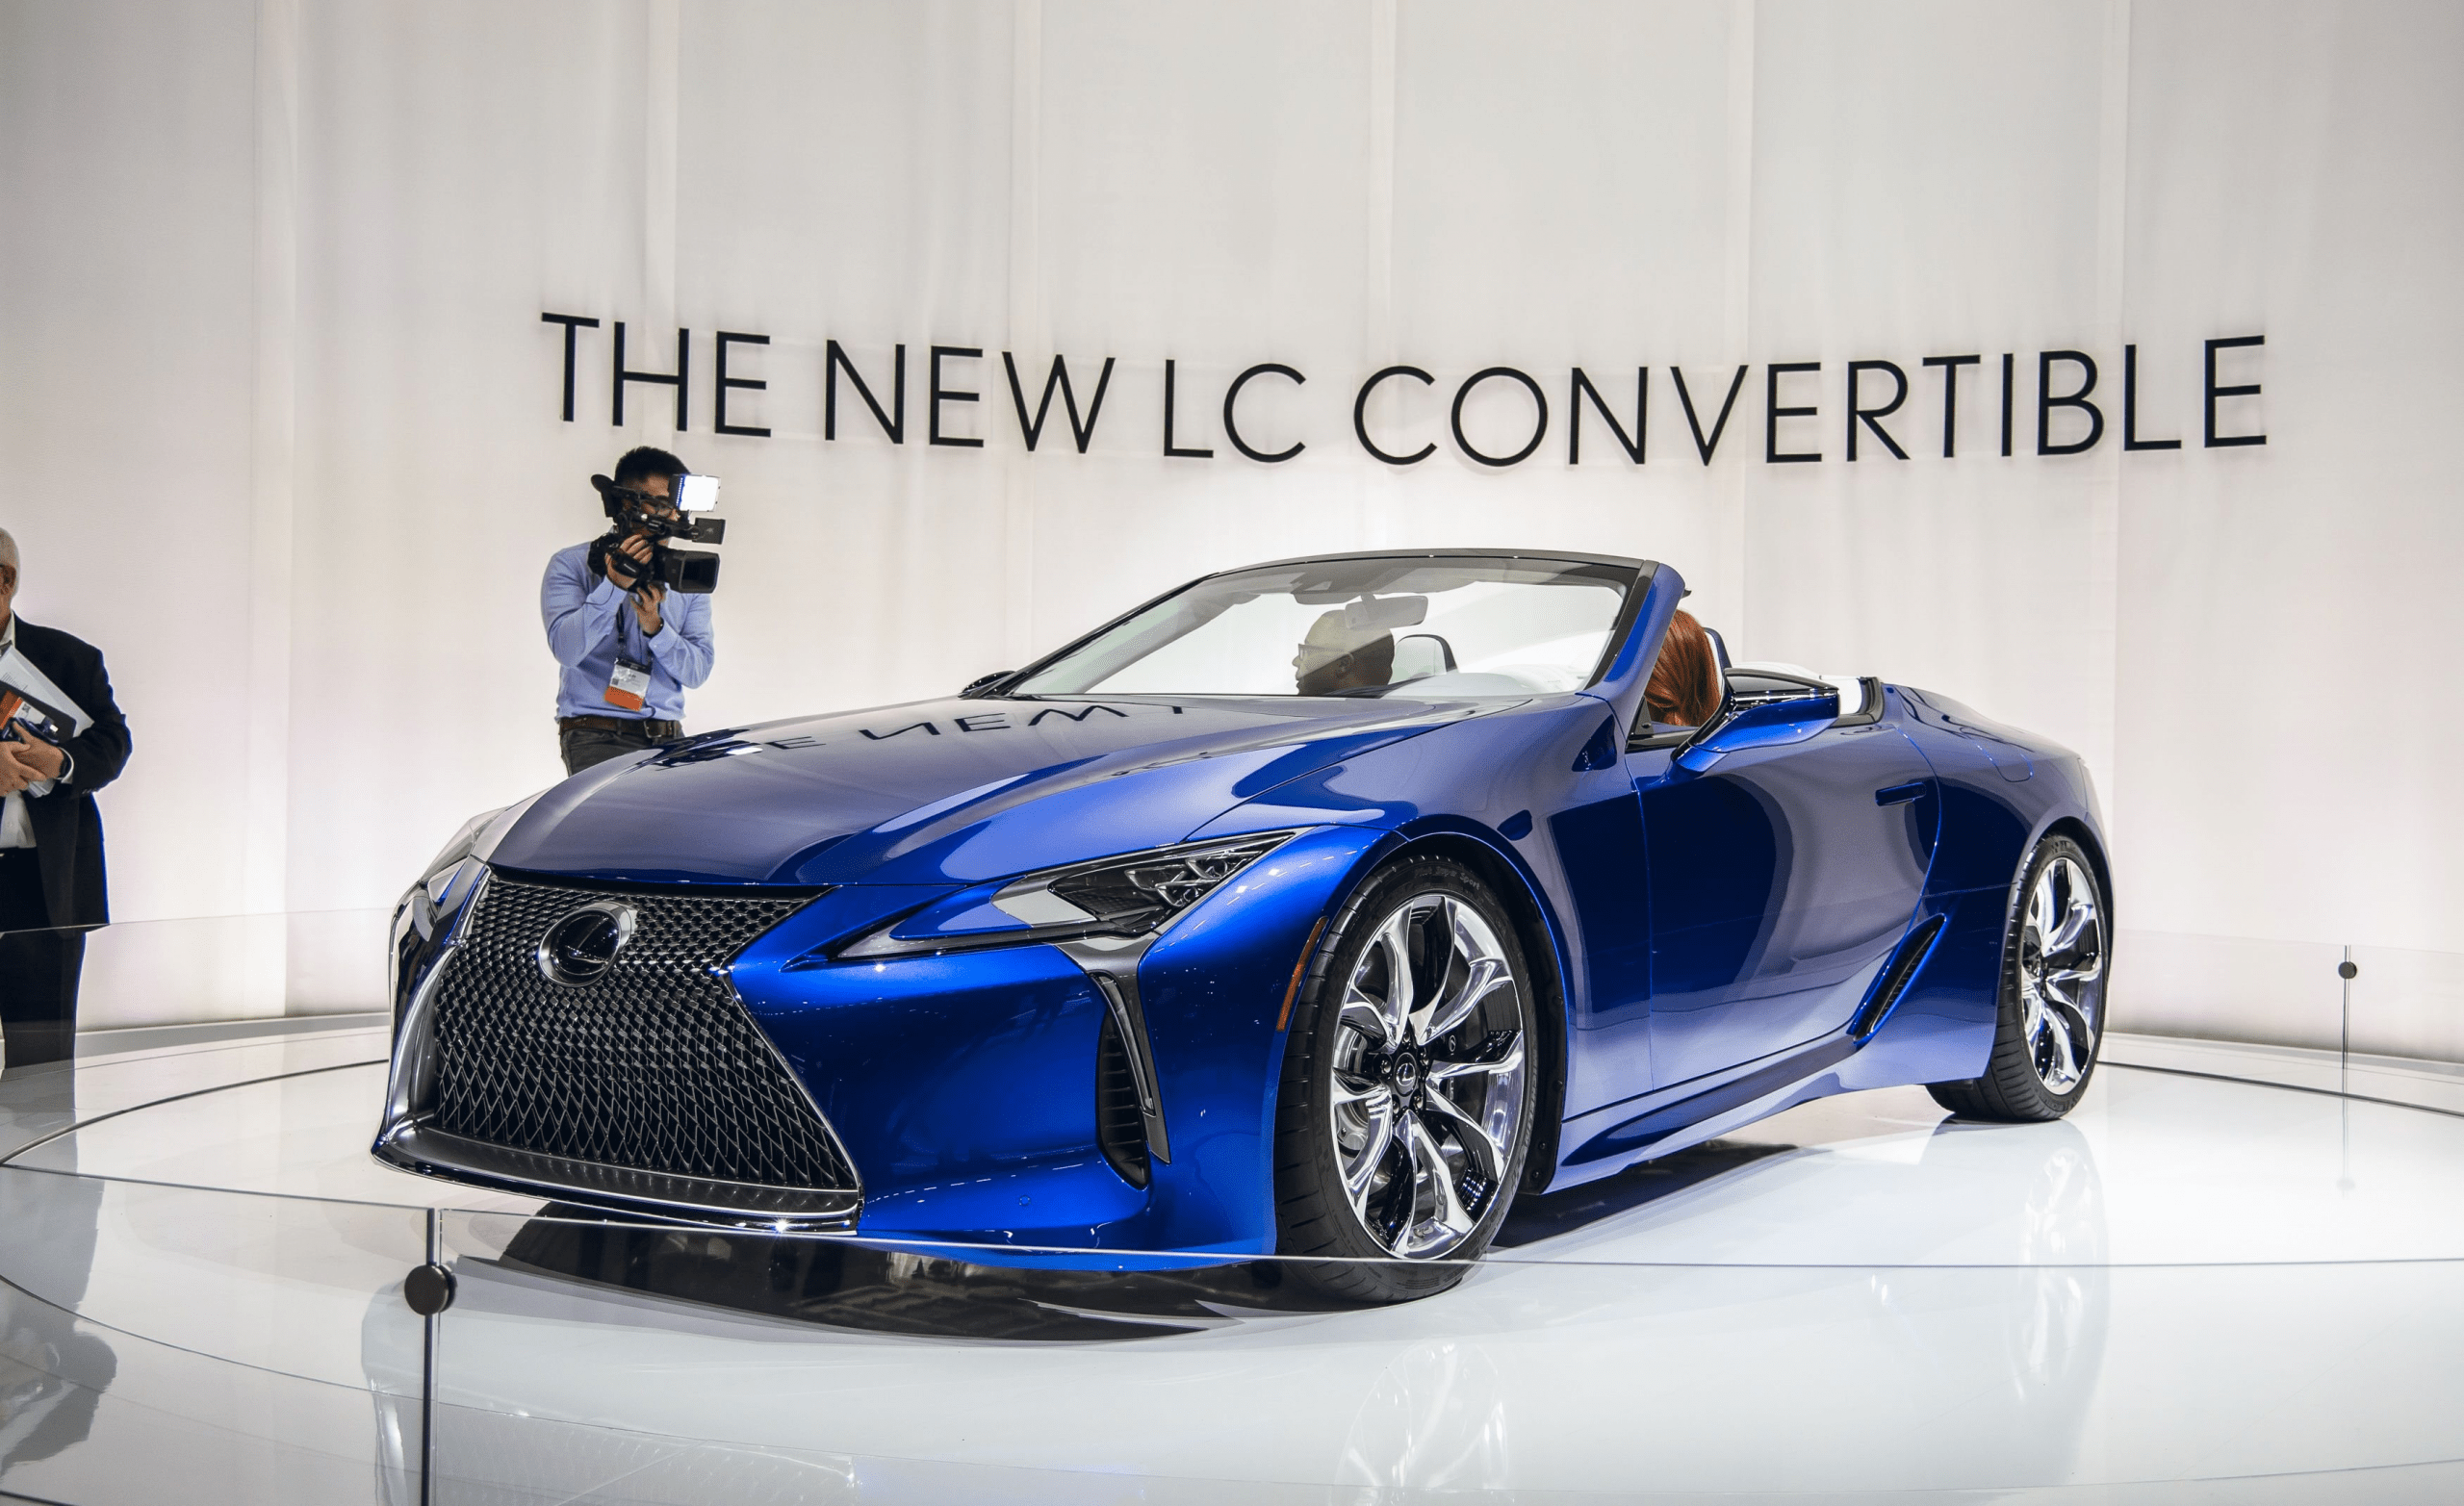 2021 Mazda Cx 5 Configurations In 2020 Lexus Lc Lexus Lexus Coupe